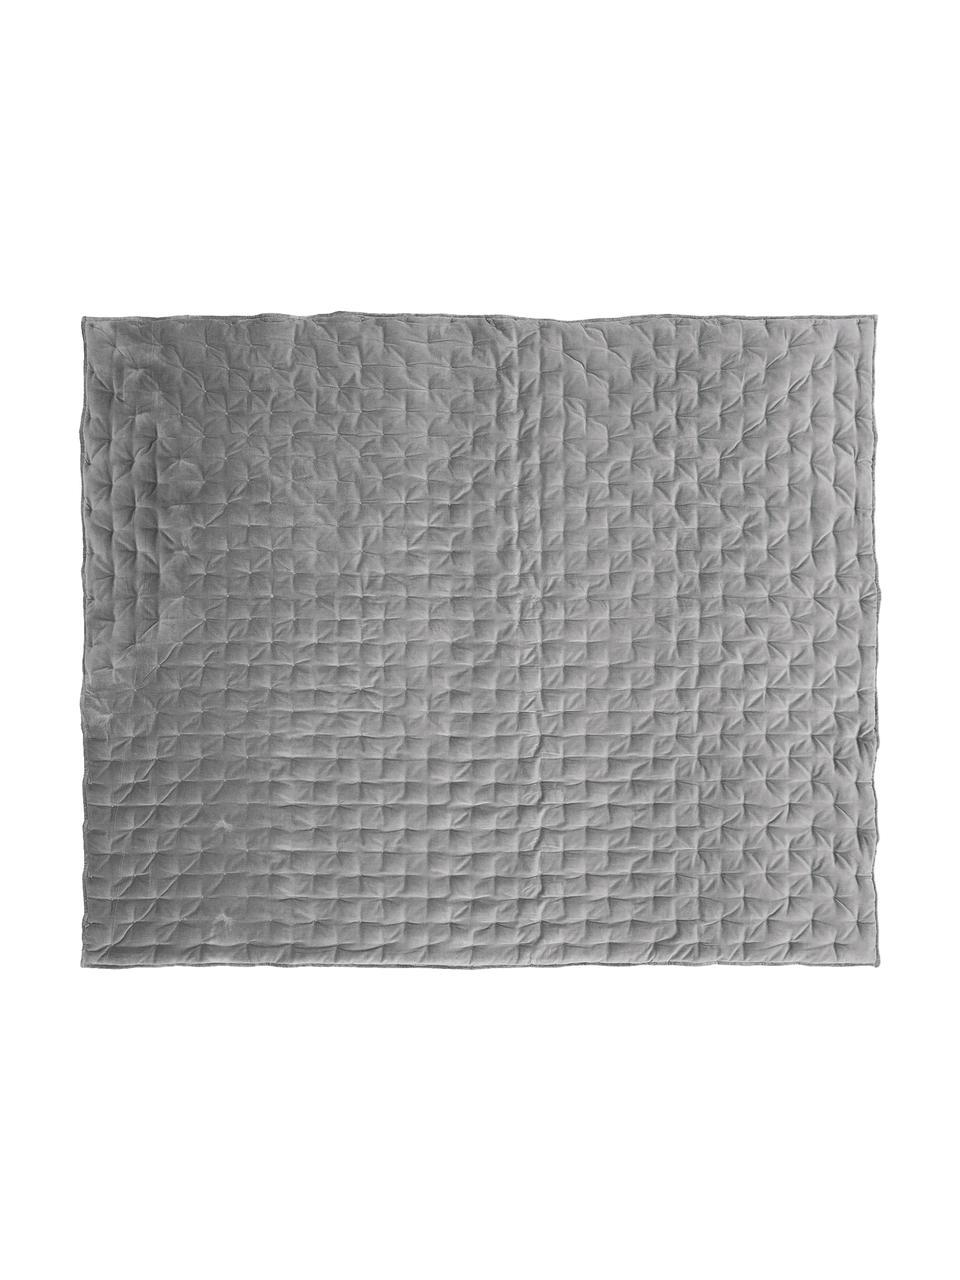 Wattierte Samt-Tagesdecke Cheryl mit dekorativer Steppung, Vorderseite: Baumwollsamt, Rückseite: Baumwolle, Grau, B 160 x L 220 cm (für Betten bis 140 x 200)